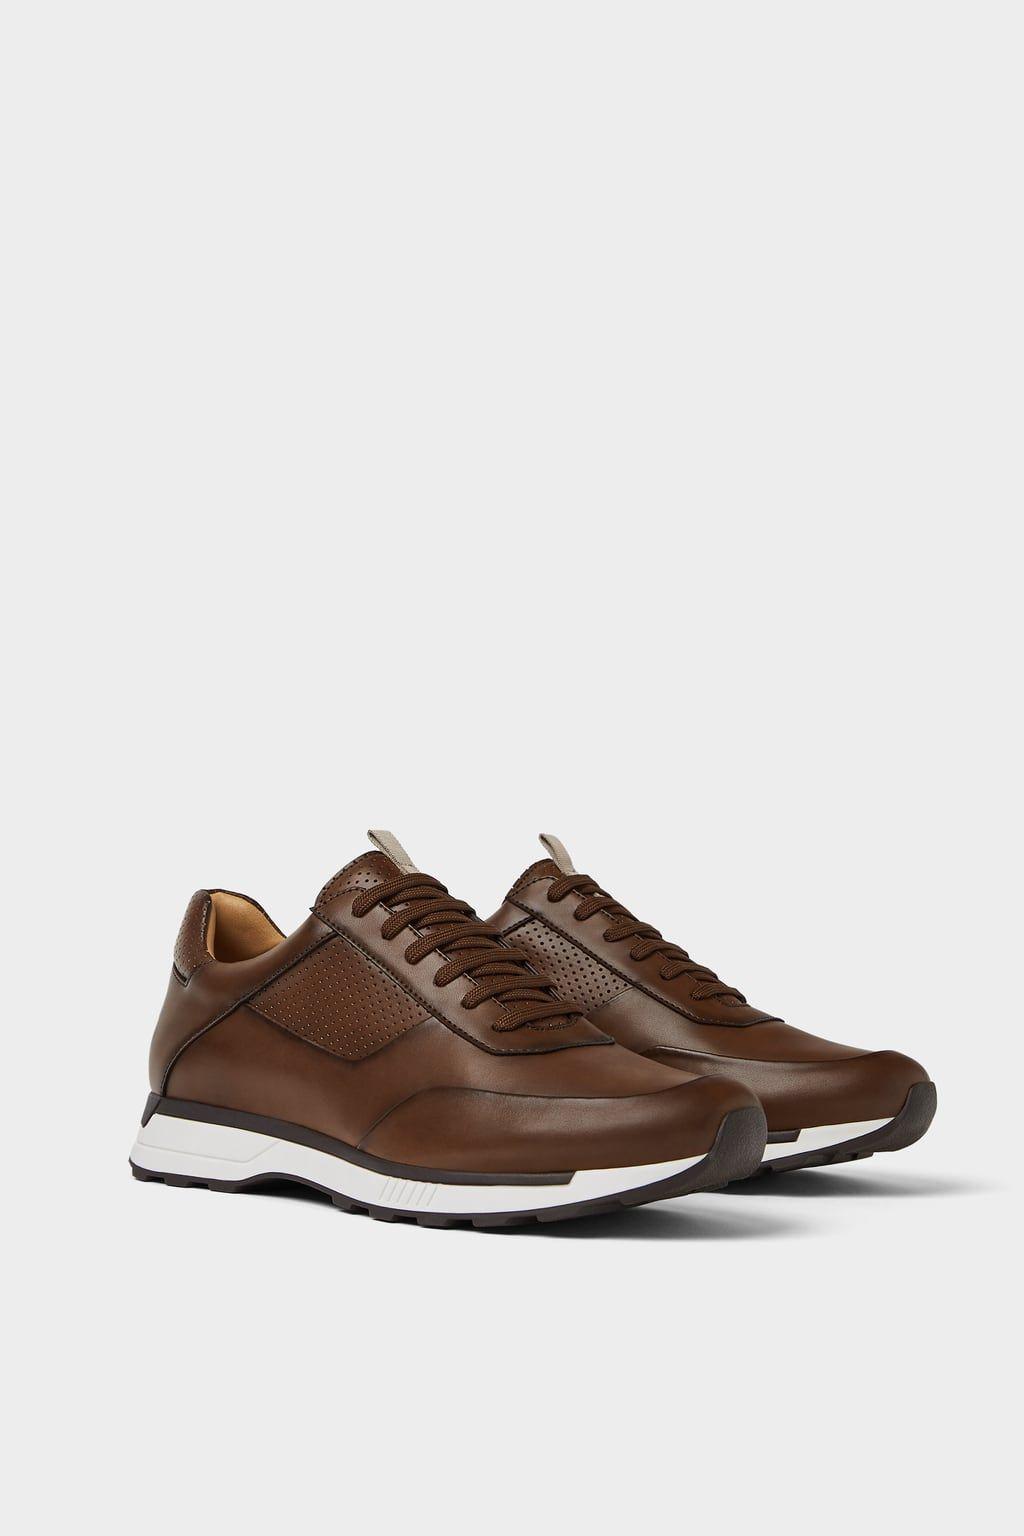 bff04295eceaa Brown retro sneakers in 2019 | Men1 | Retro sneakers, Sneakers ...